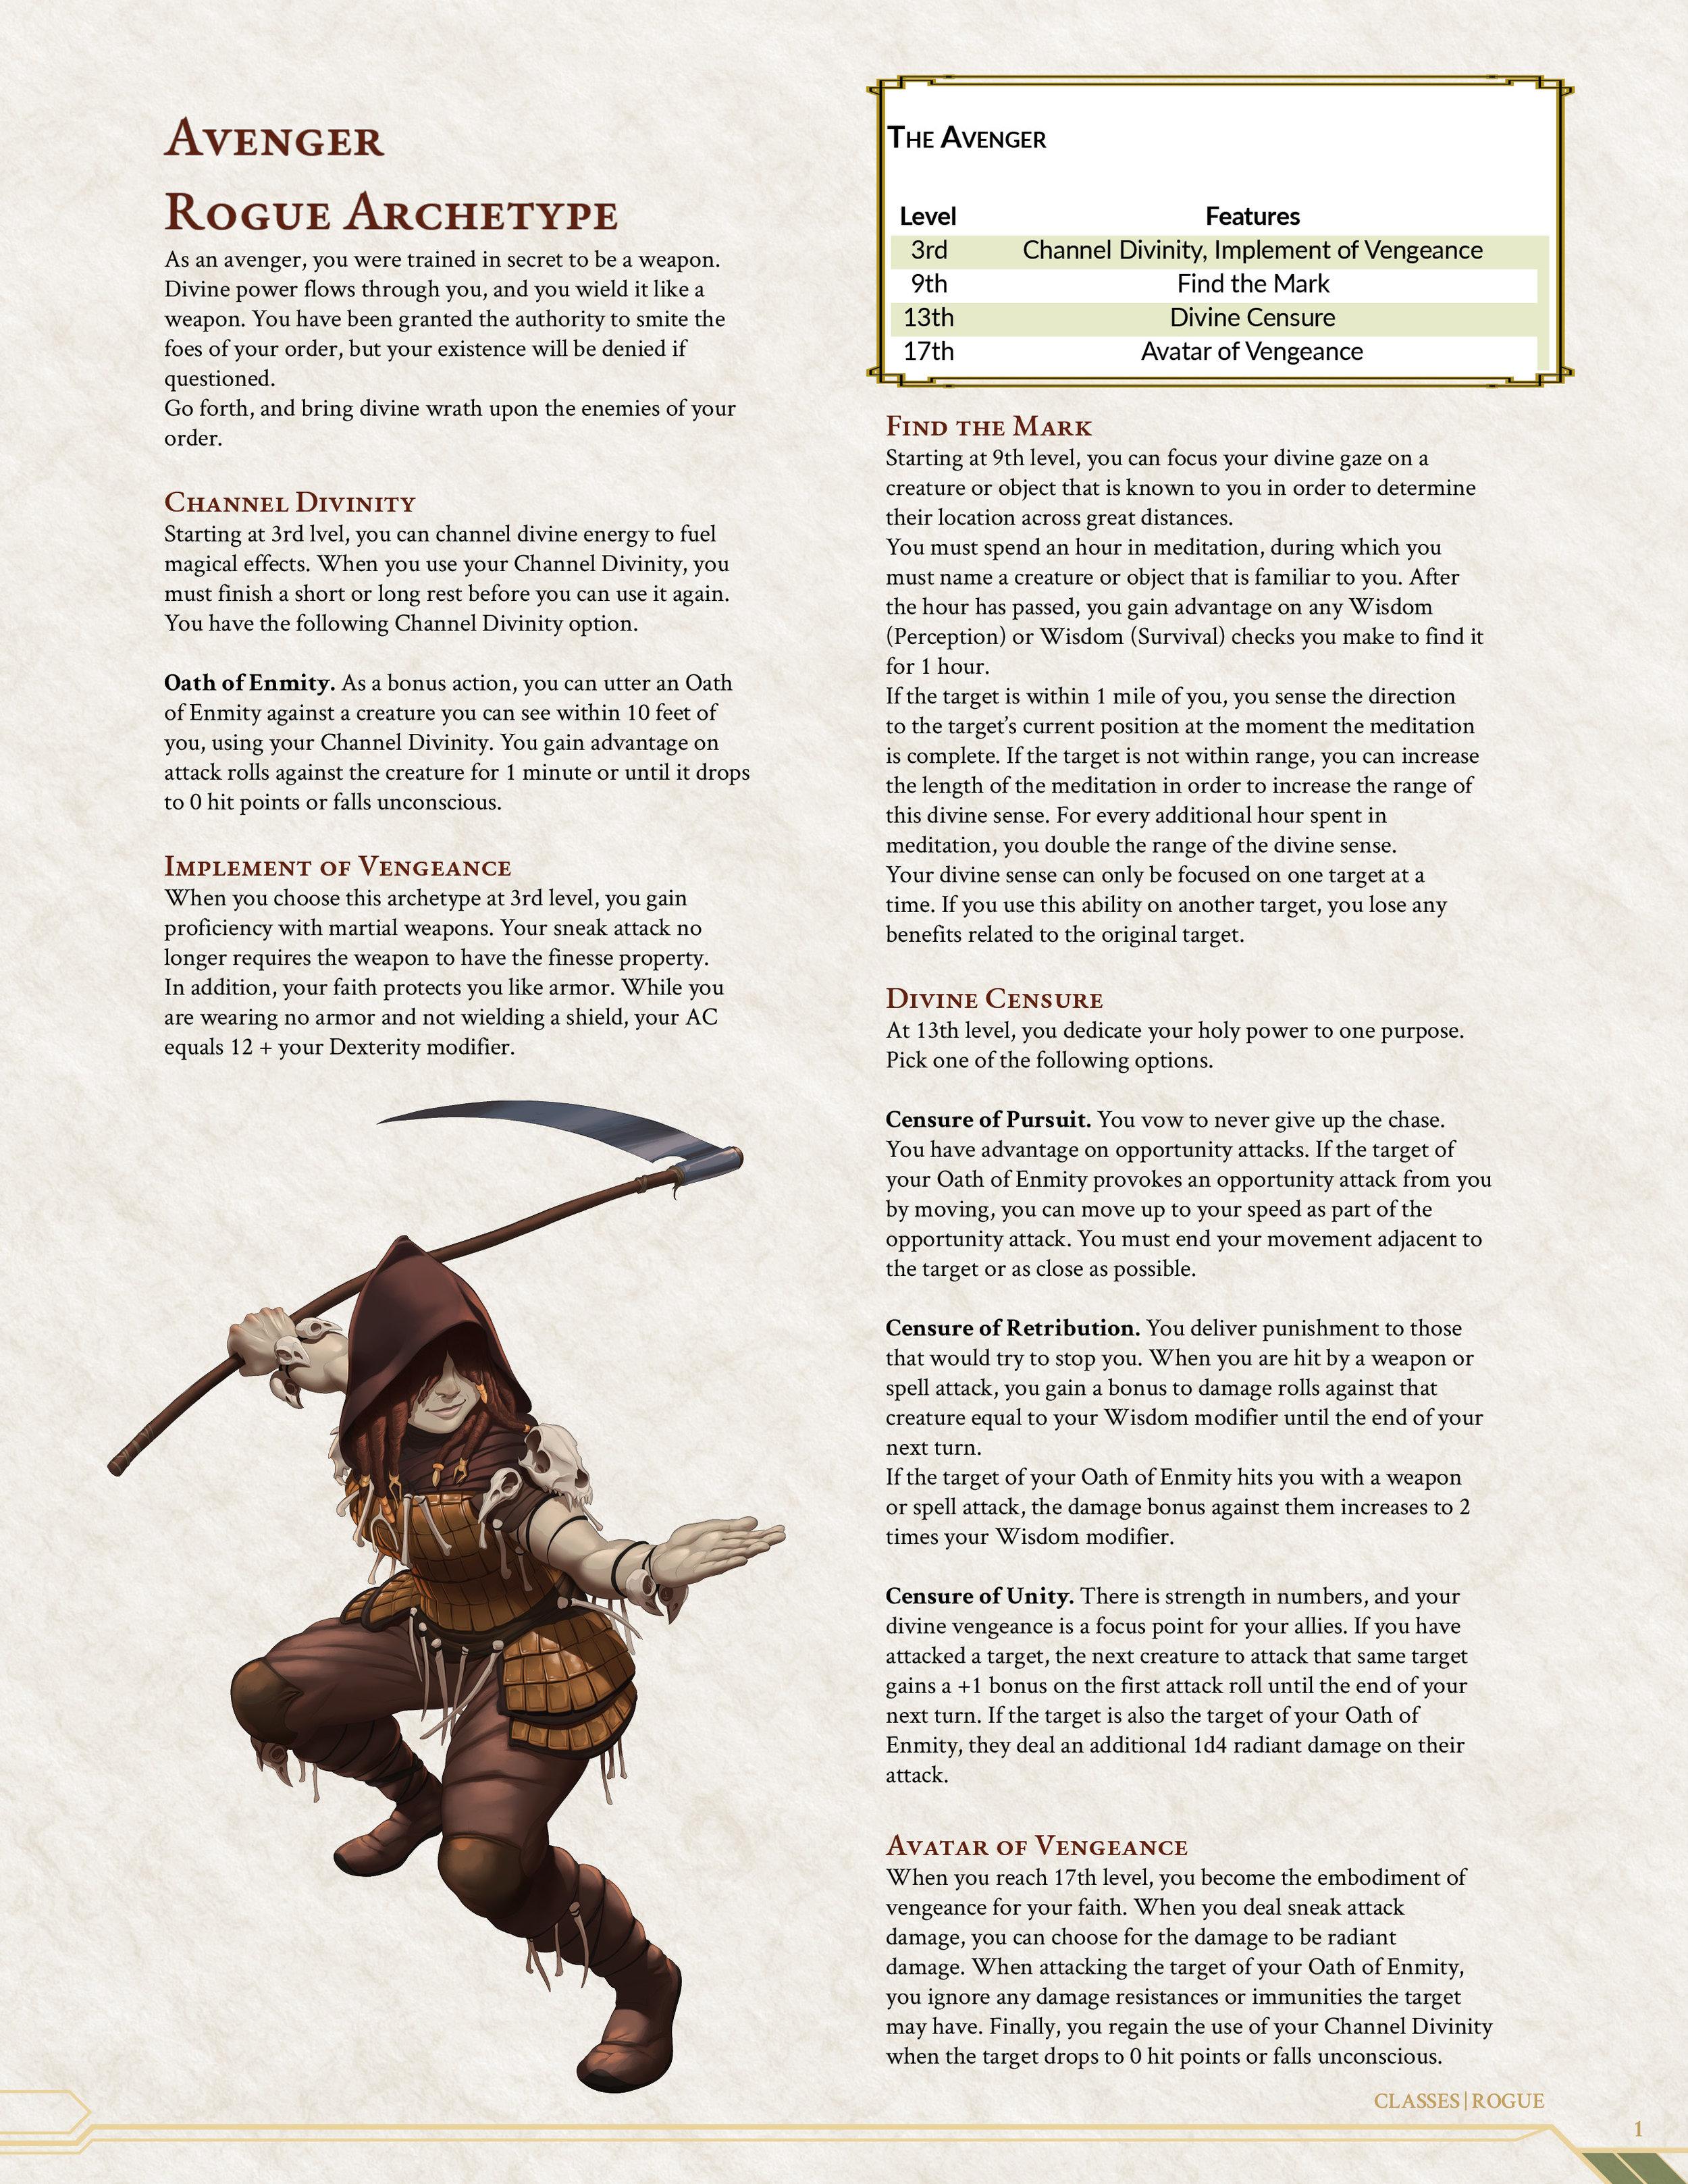 Rogue Avenger Archetype cover2.jpg